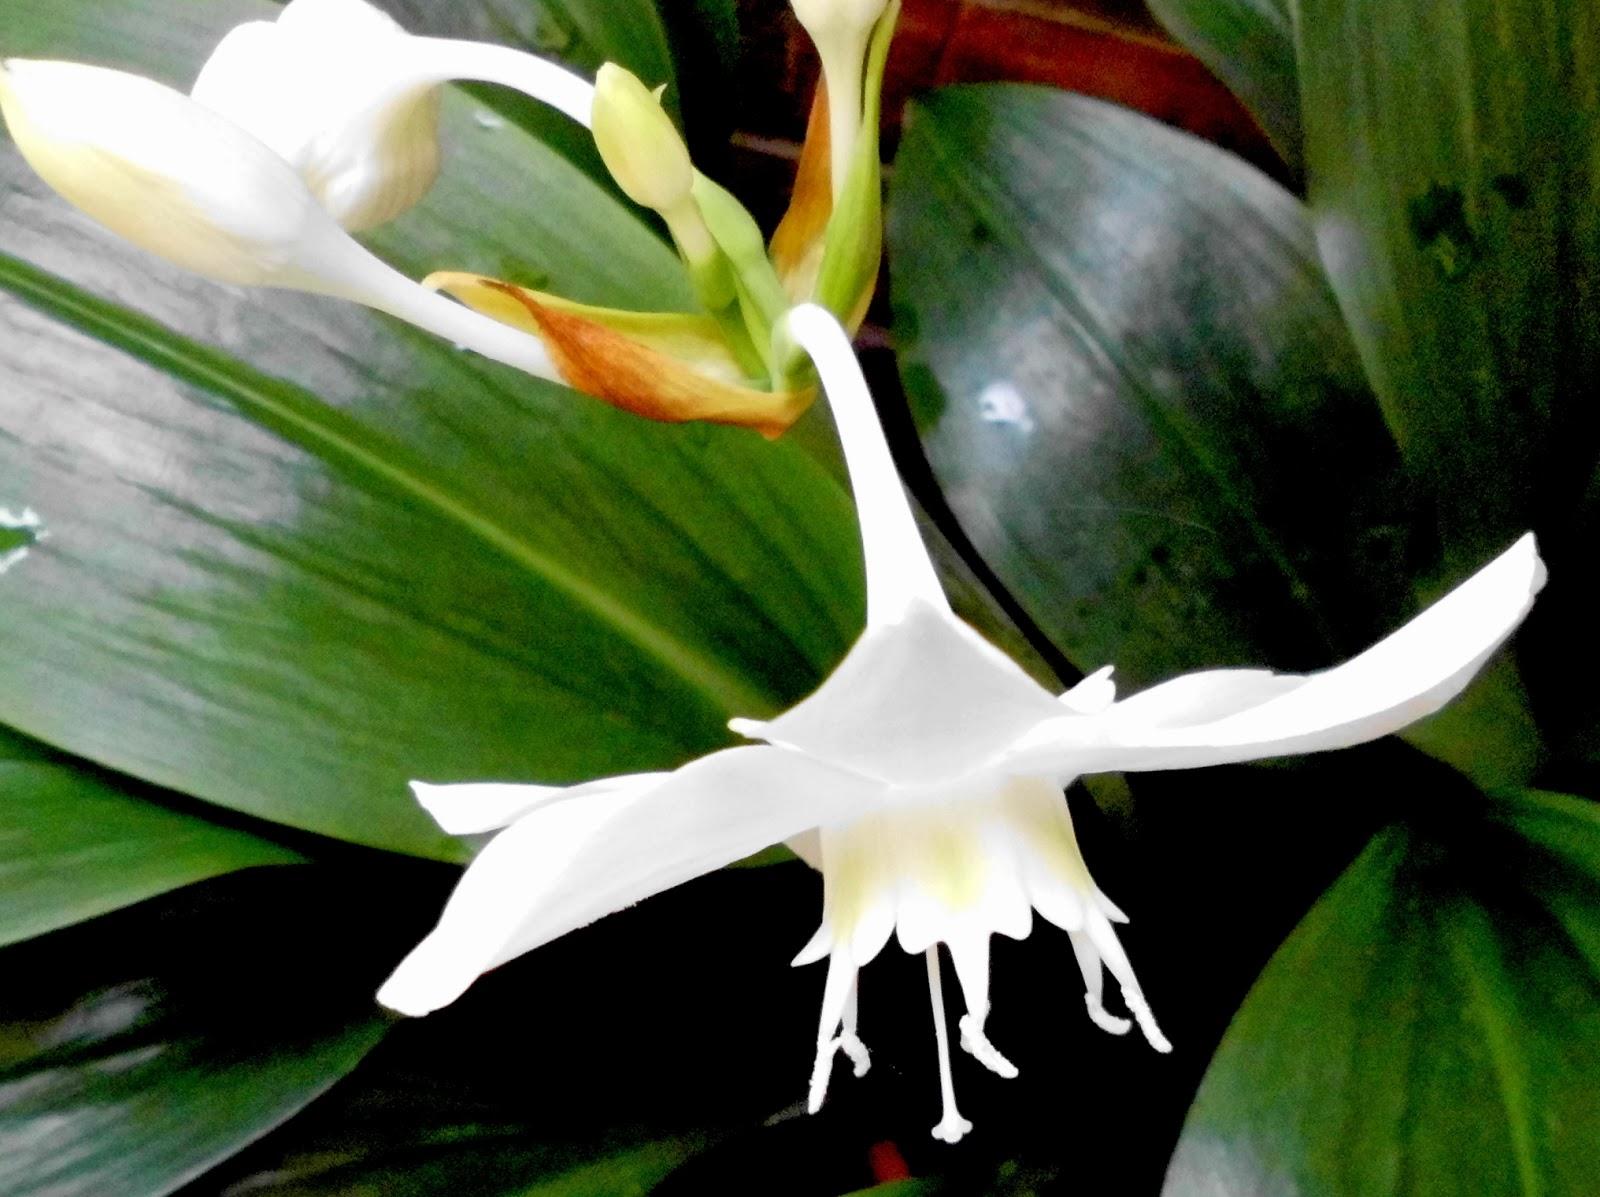 Planta con tallos peludos y flores blancas